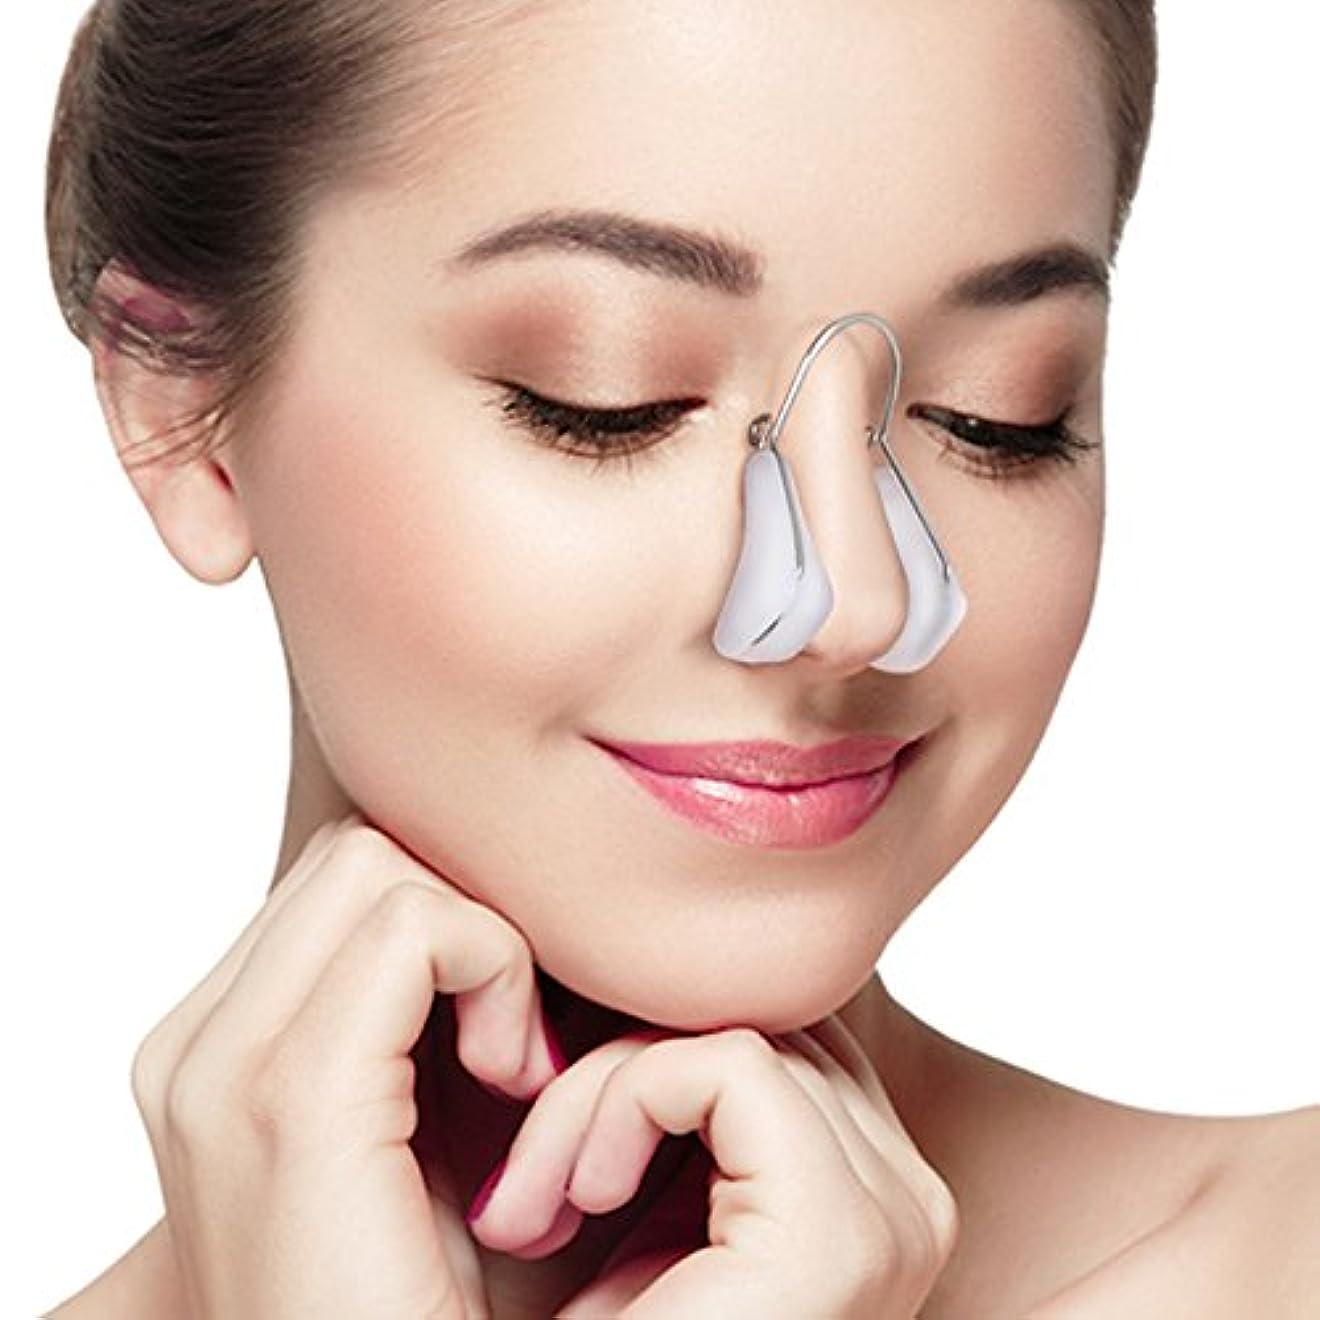 びっくりフリース記録SPADE.s 高鼻 クリップ 団子鼻 上向き鼻 コンプレックス 解消 SC-004 (ホワイト)